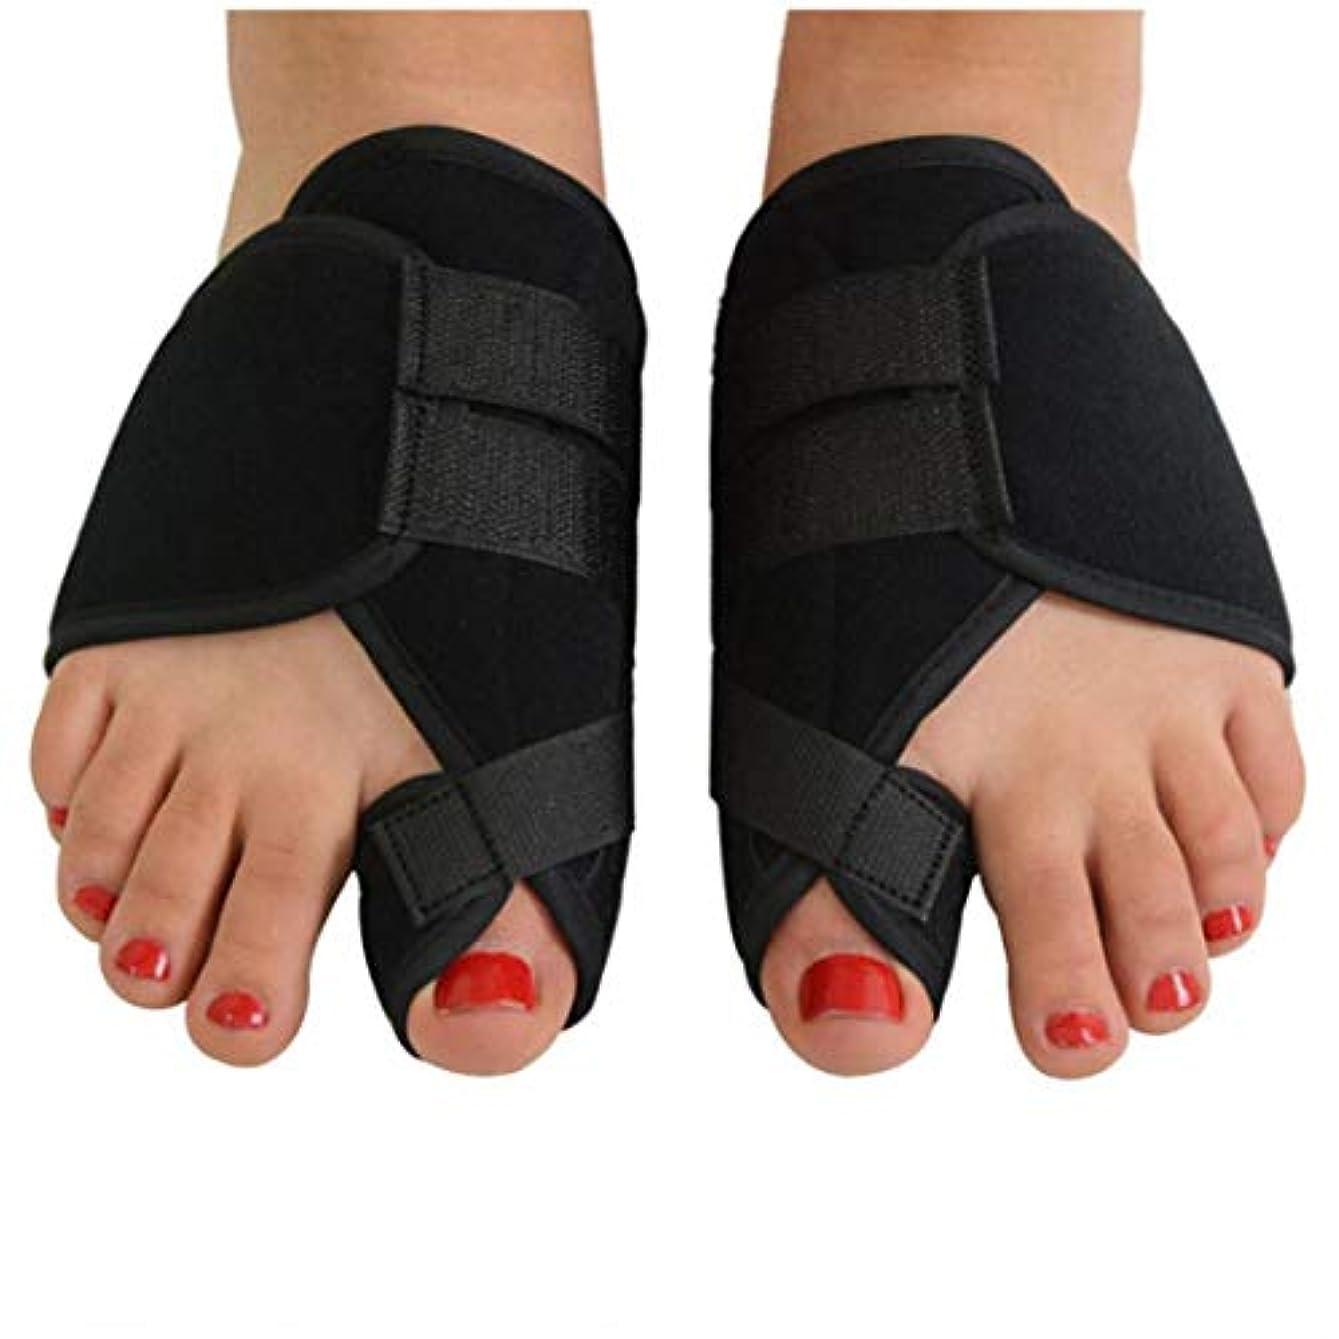 オン袋船バニオンコレクターおよびバニオンリリーフ整形外科用ビッグトゥストレートナーは、外反母趾を治療し、予防する(ワンサイズ)